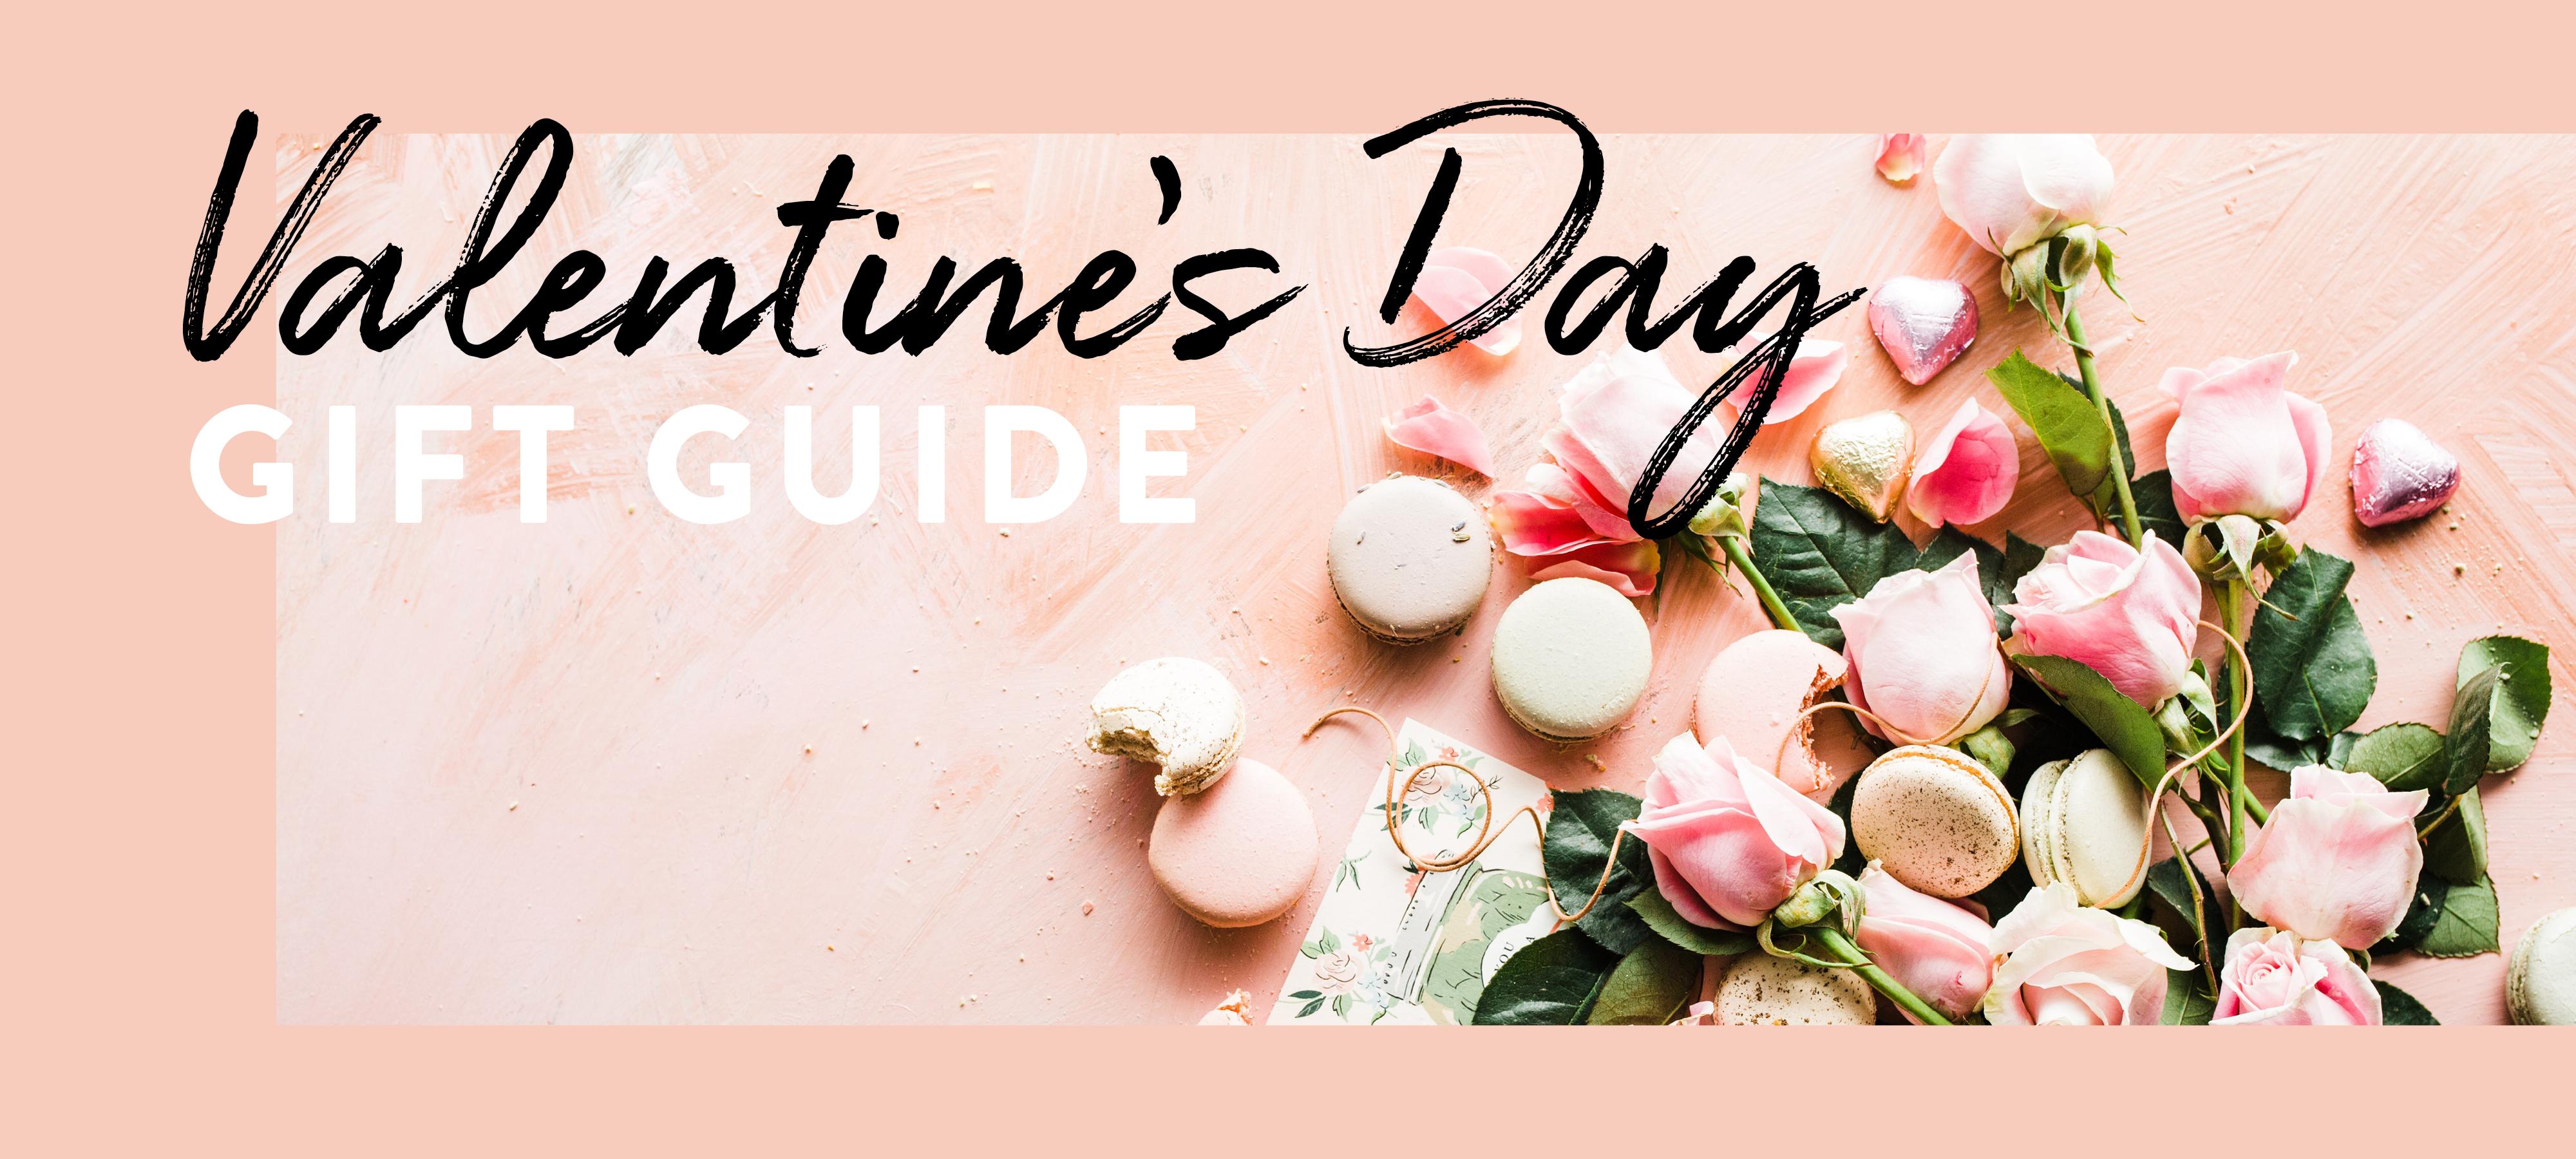 ValentinesDay_GG_Header